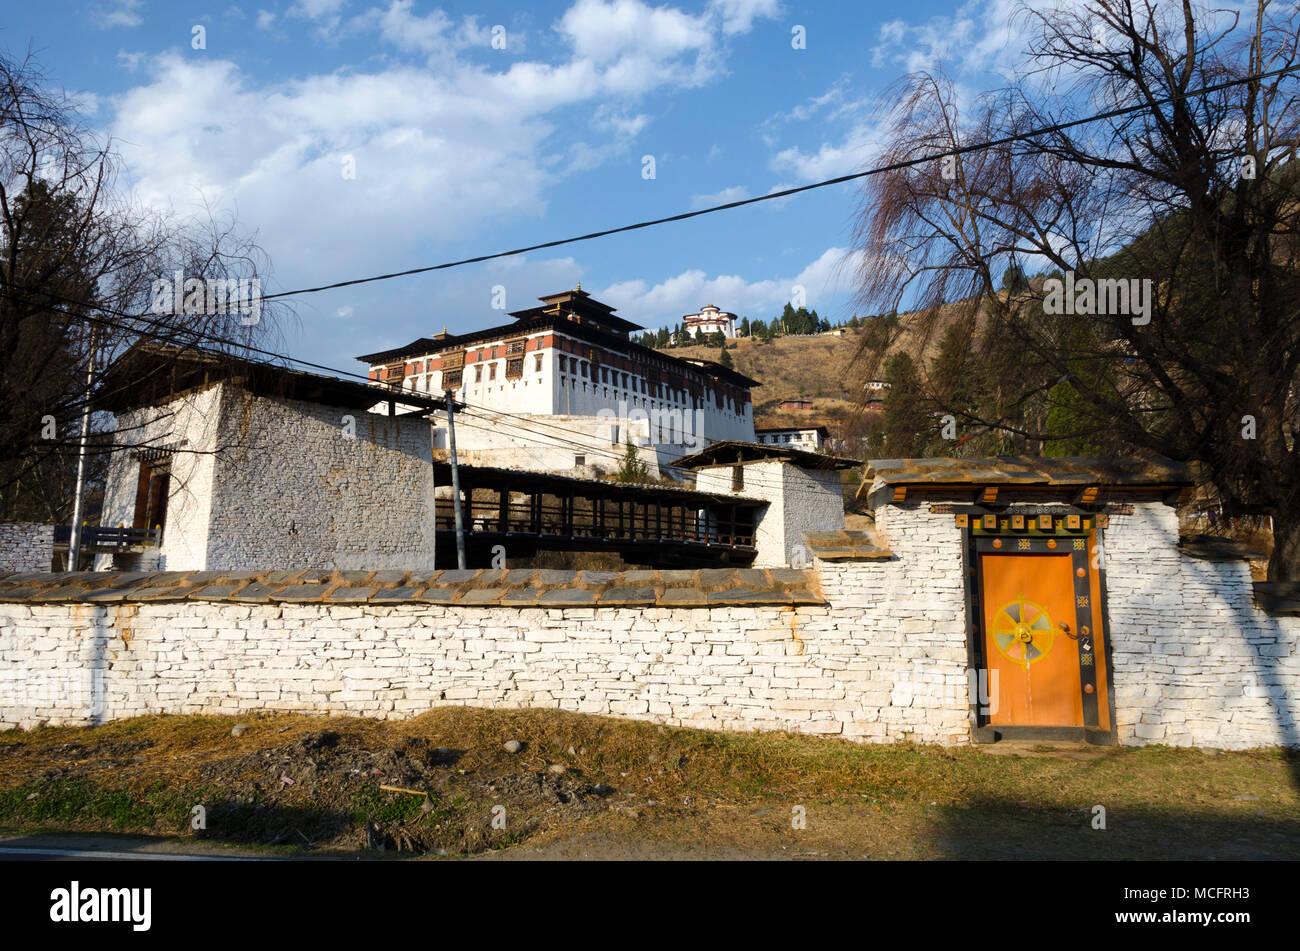 Rinpung Dzongkhag, Paro, Bhutan - Stock Image